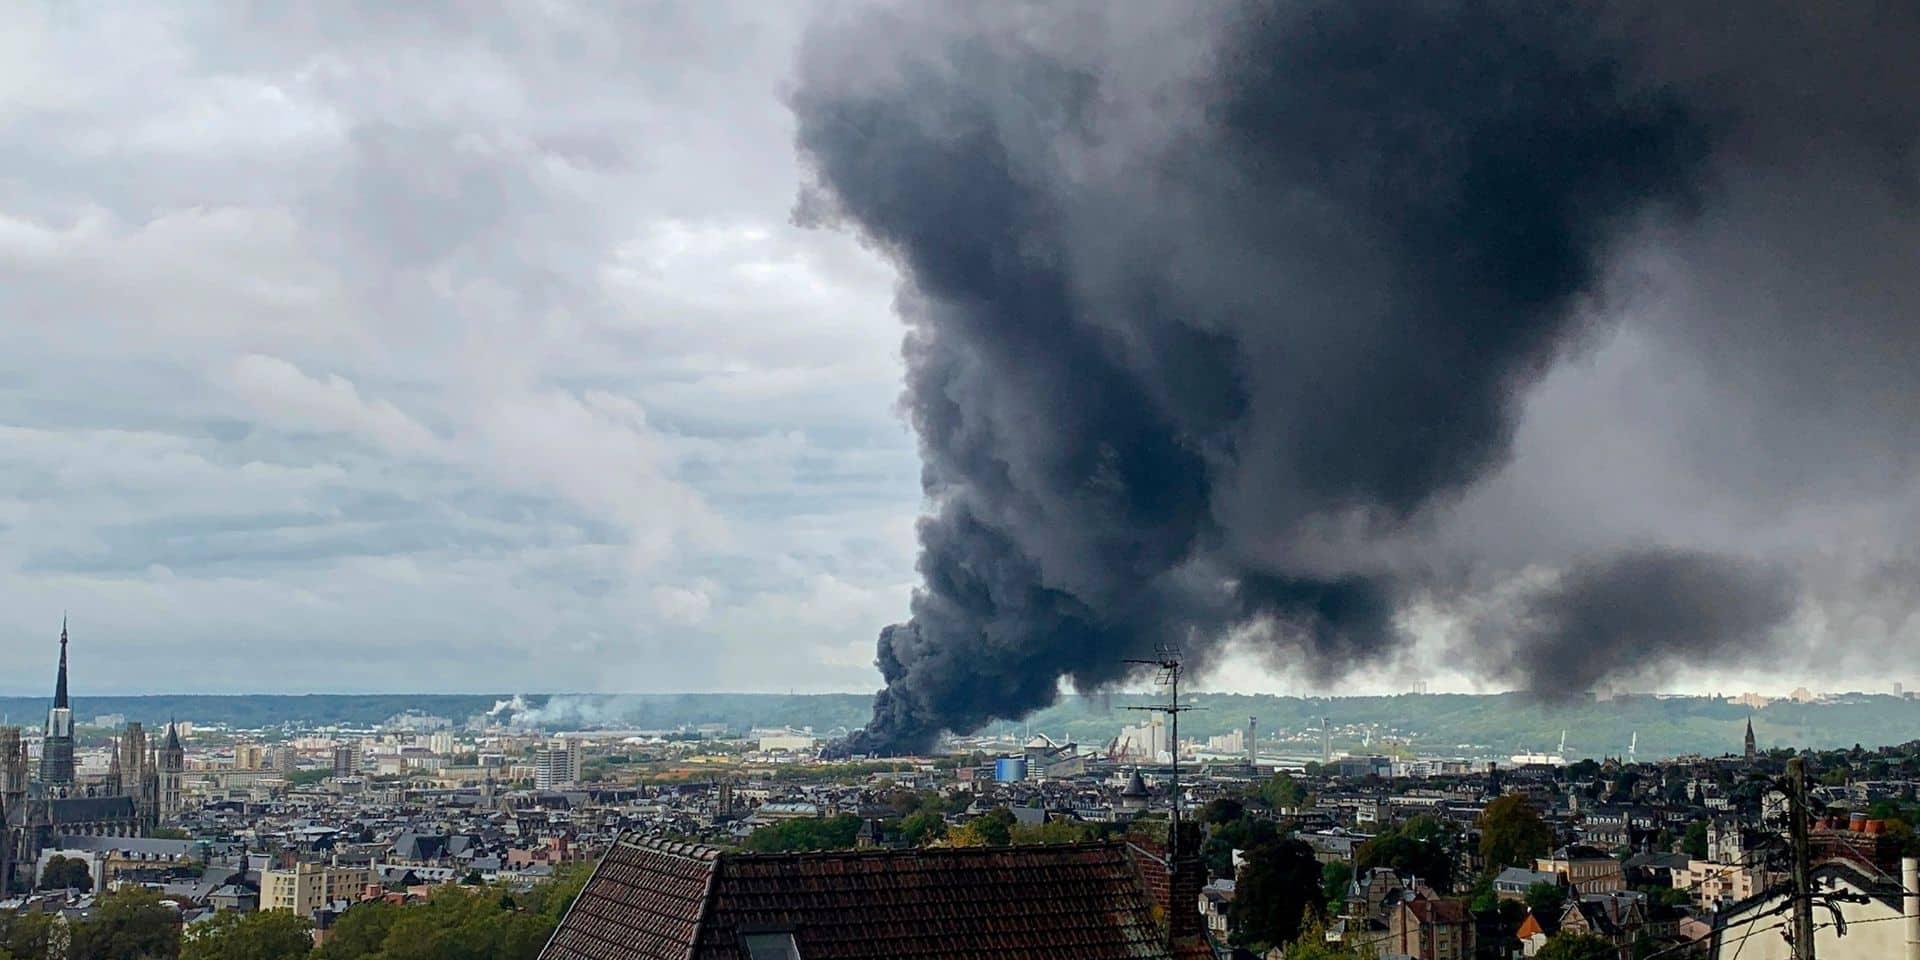 Incendie d'une usine Seveso à Rouen: Un protocole de suivi a été mis en place en Wallonie, assure Elio Di Rupo